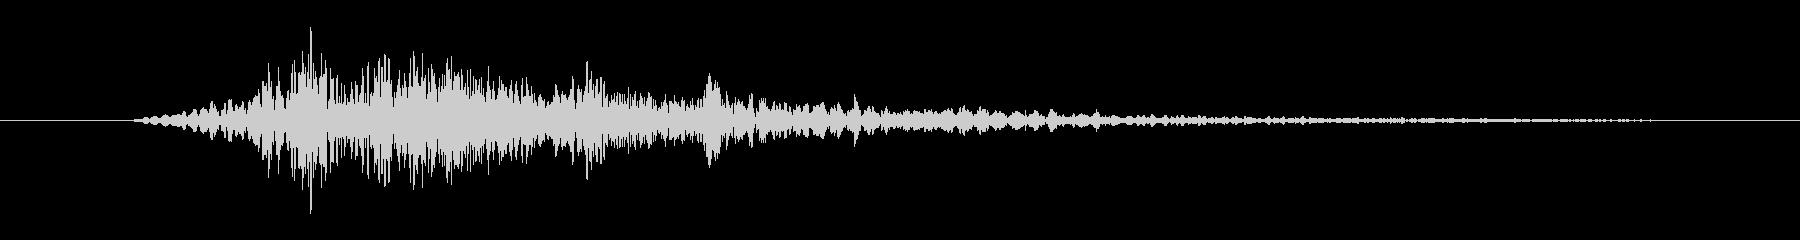 クラーケン グロールショート04の未再生の波形